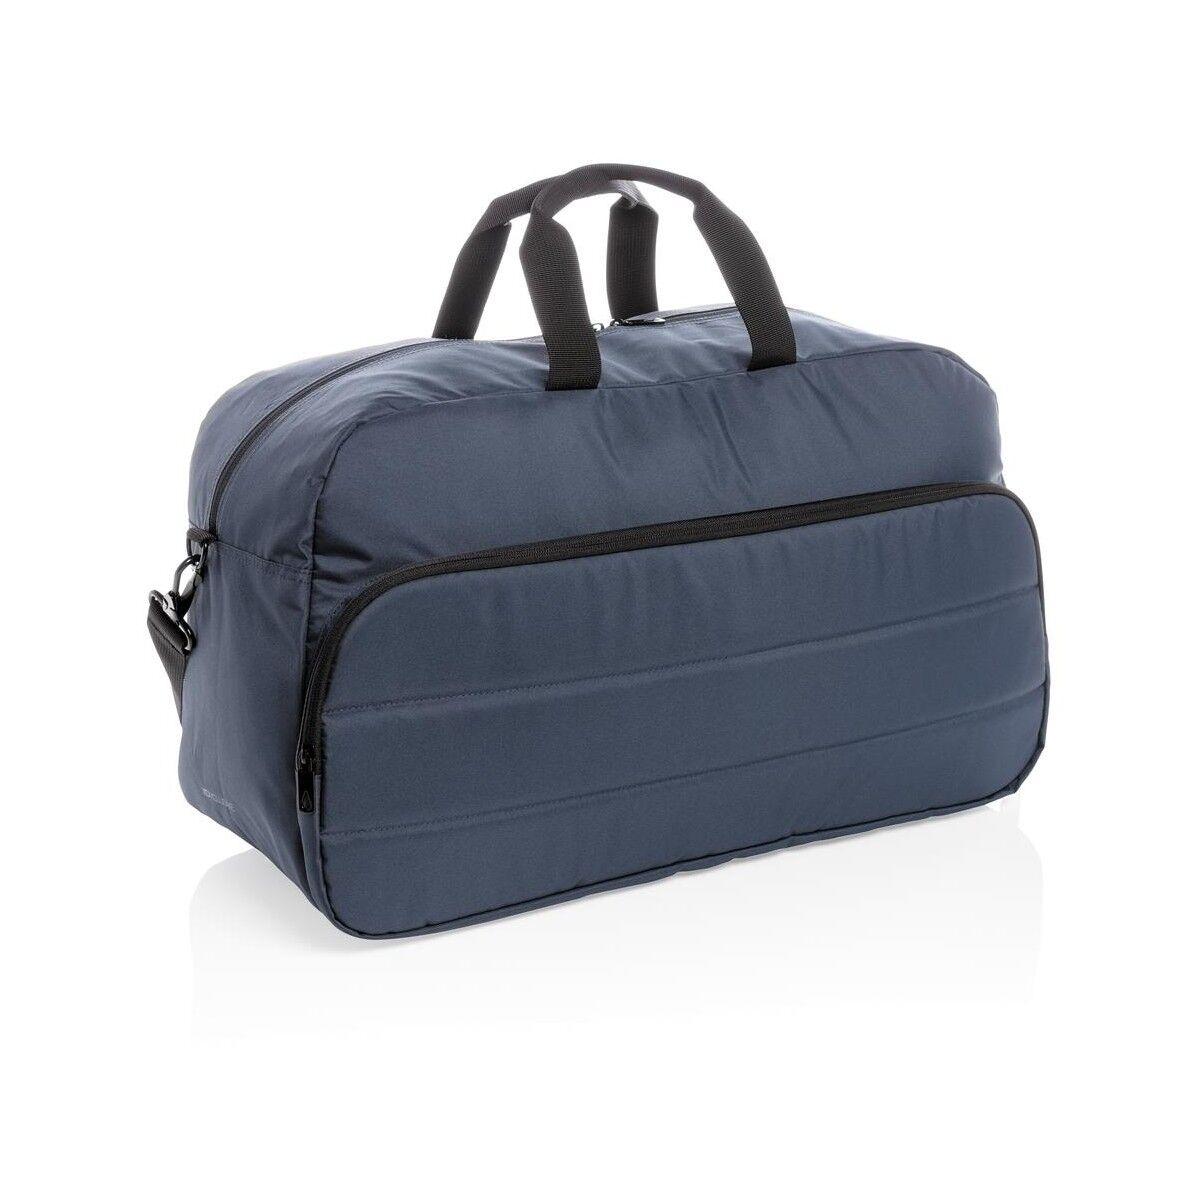 RPET Weekend Duffle Bag - Navy